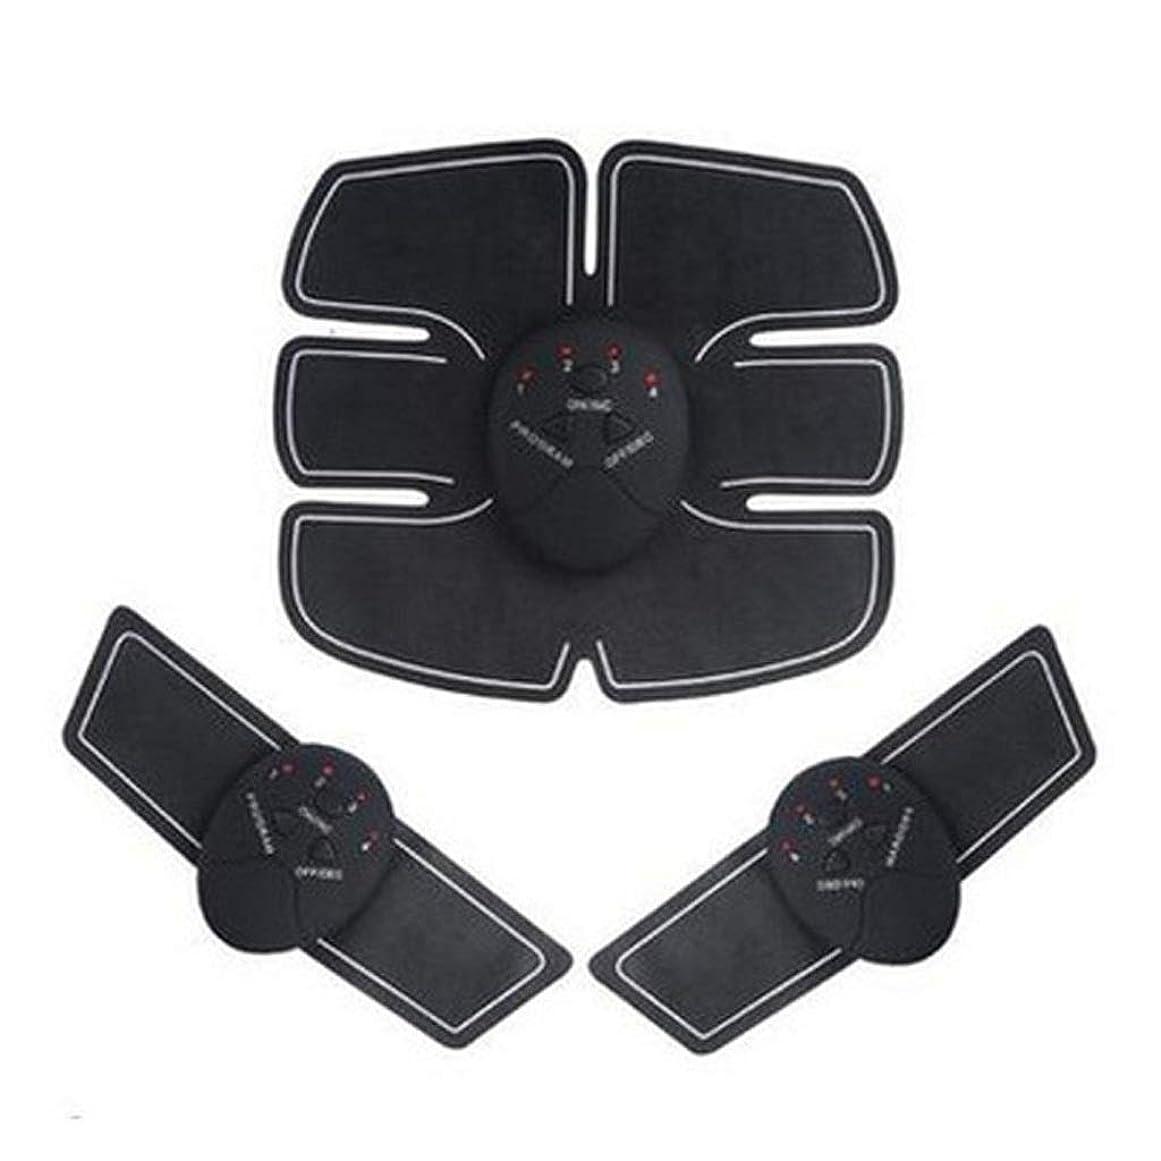 フラップジャンピングジャック南西腹筋ペースト、自動知能腹部器具、電気腹筋ペースト、怠惰な筋肉トレーニングフィットネス機器 (Color : Black)